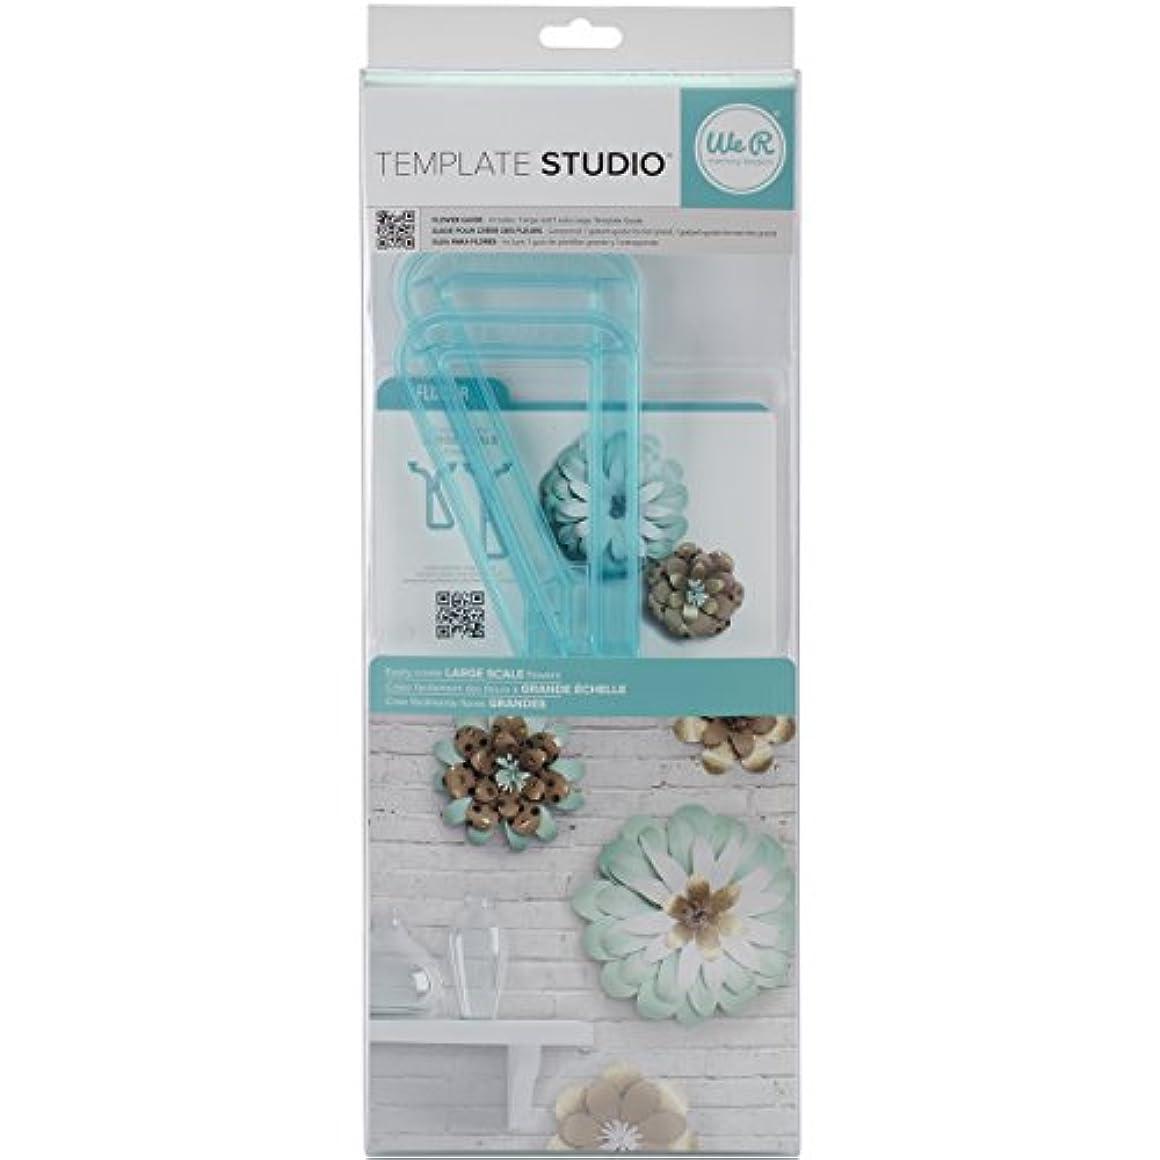 相続人申し立てられた蚊American Crafts We R Memory Keepers Template Studio Flower Template by American Crafts